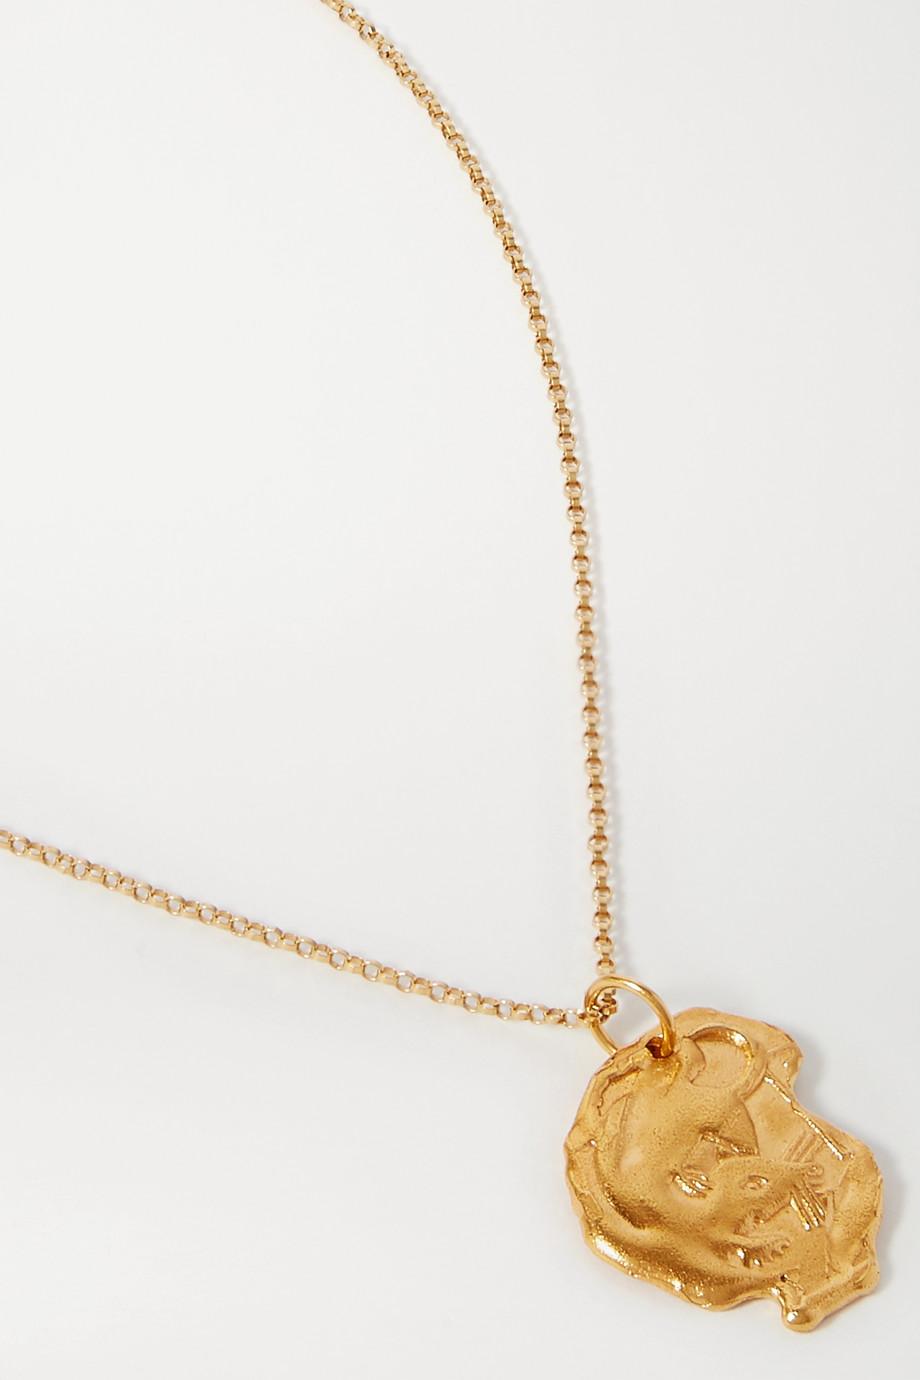 알리기에리 쥐 목걸이 20SS 12지신 시리즈 Alighieri Year of the Rat gold-plated necklace,Gold